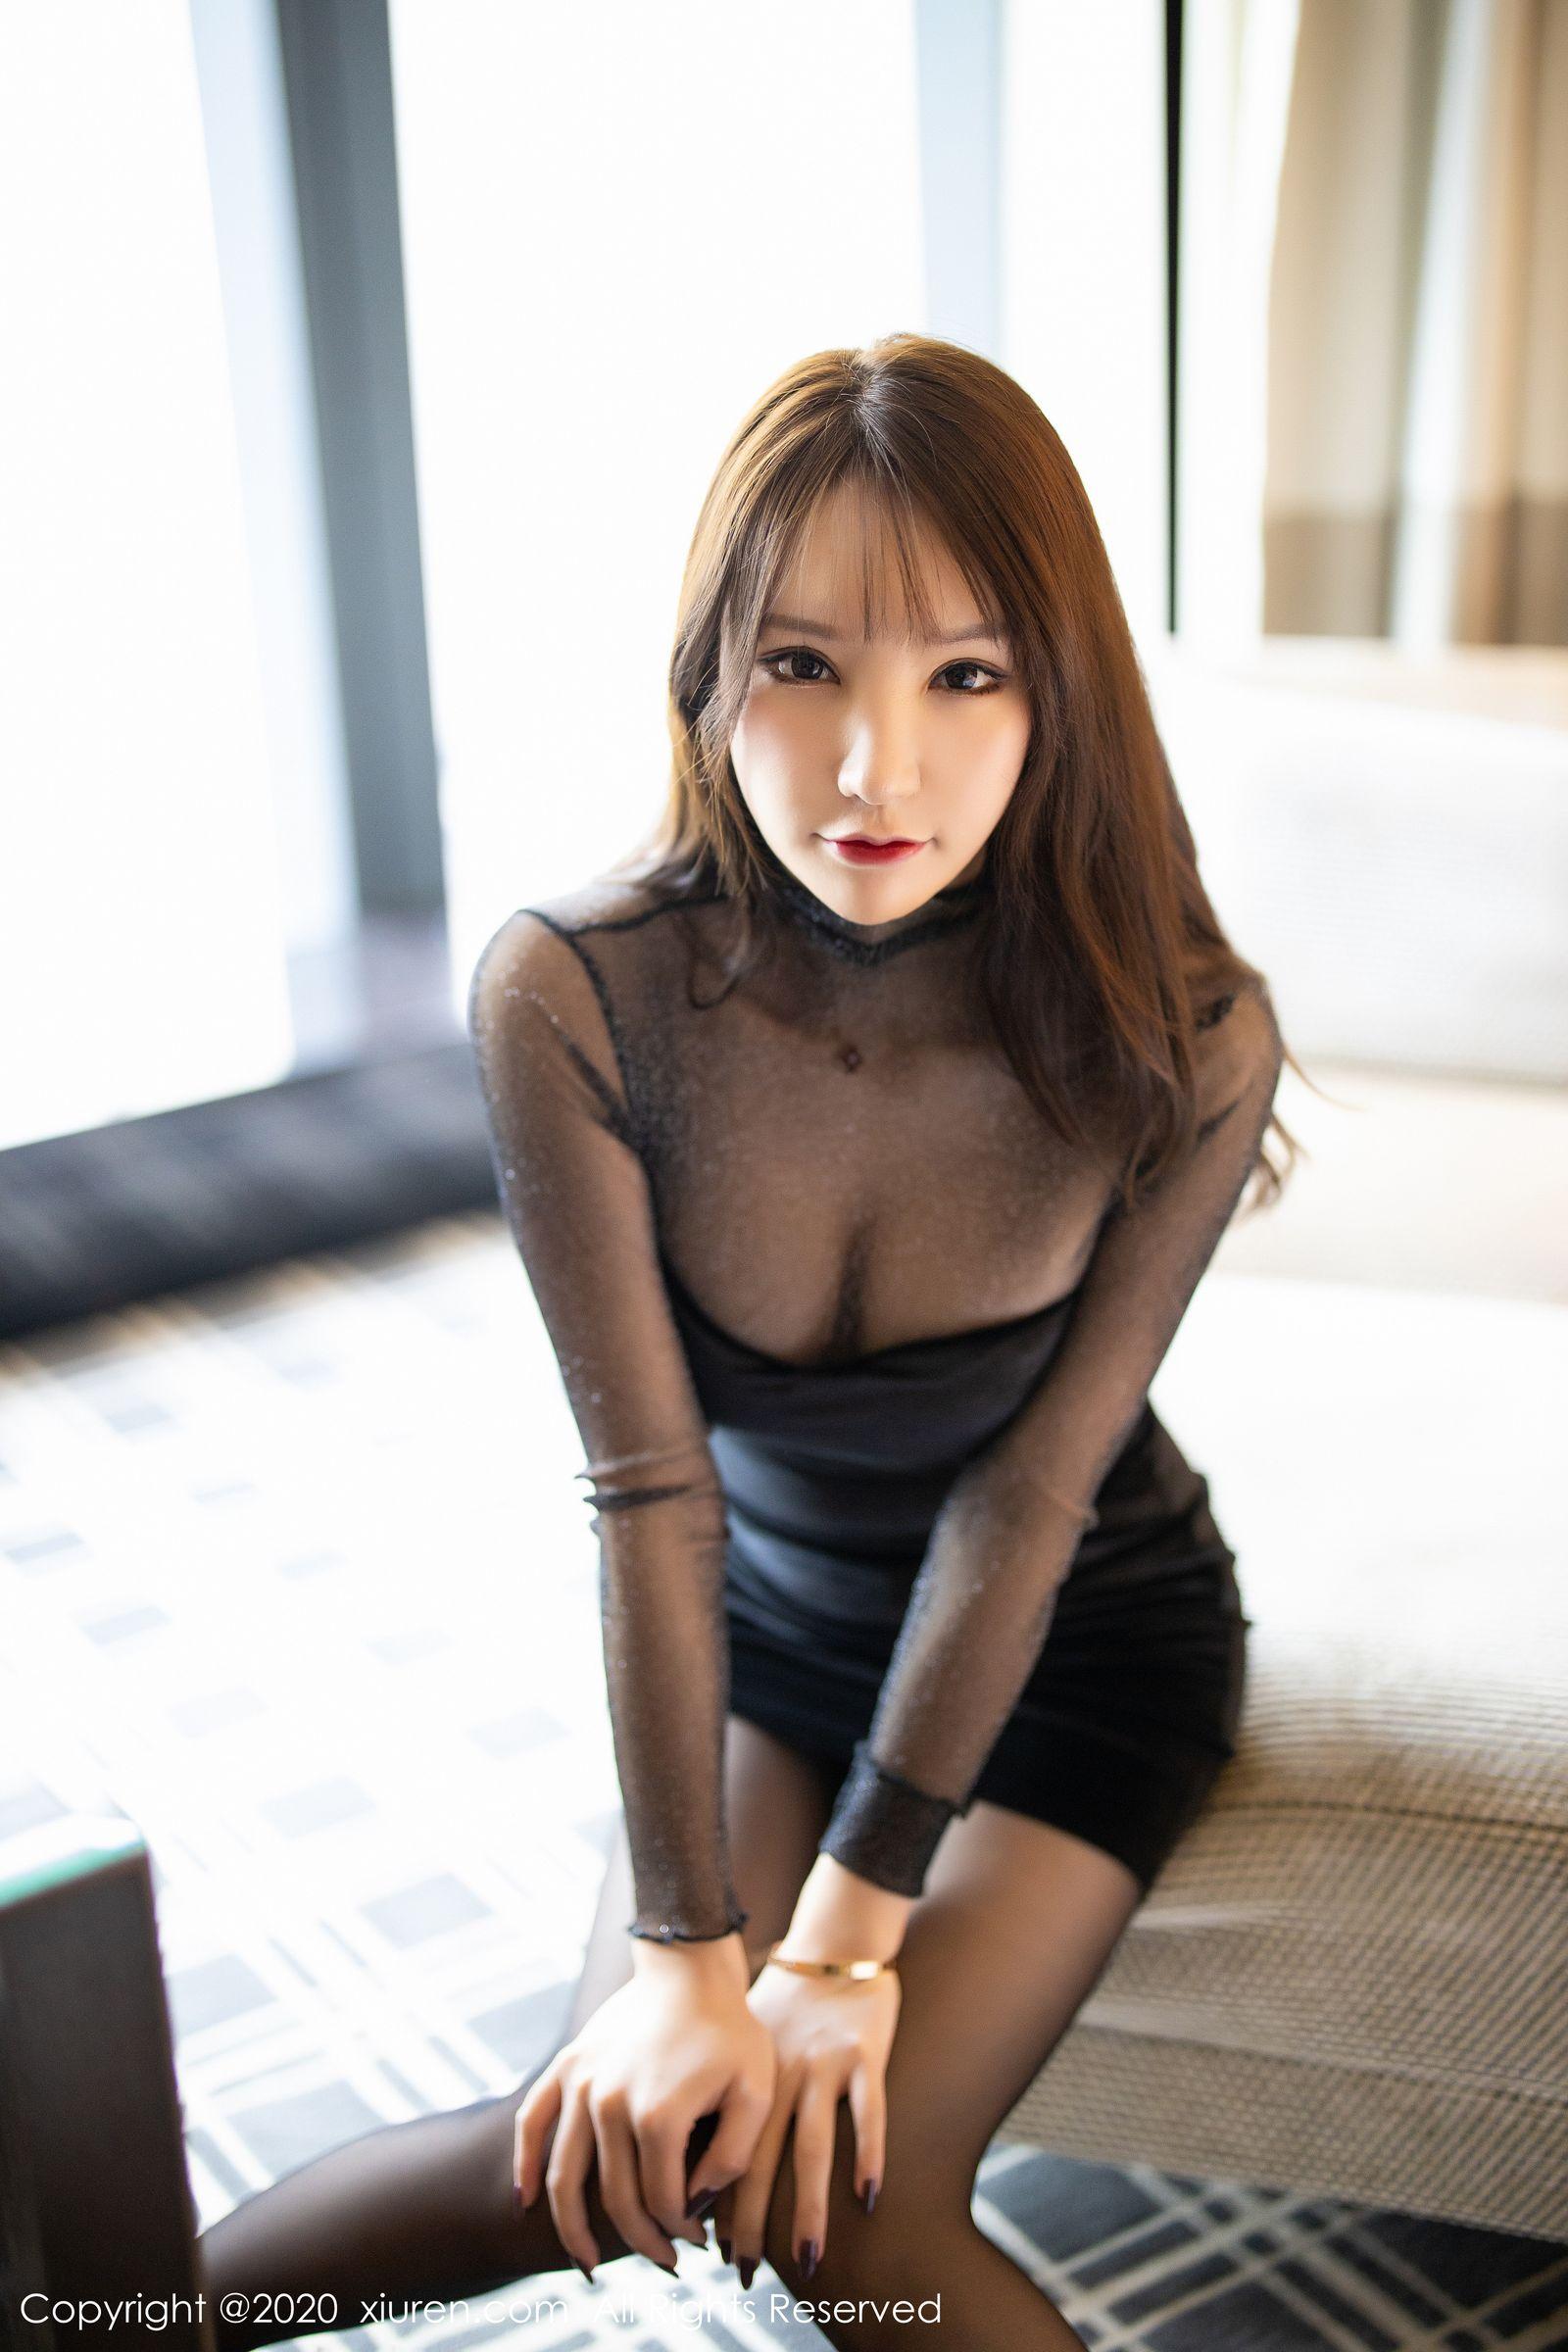 YouMi Vol. 467 Zhou Yu Xi - Page 2 of 5 - Best Hot Girls